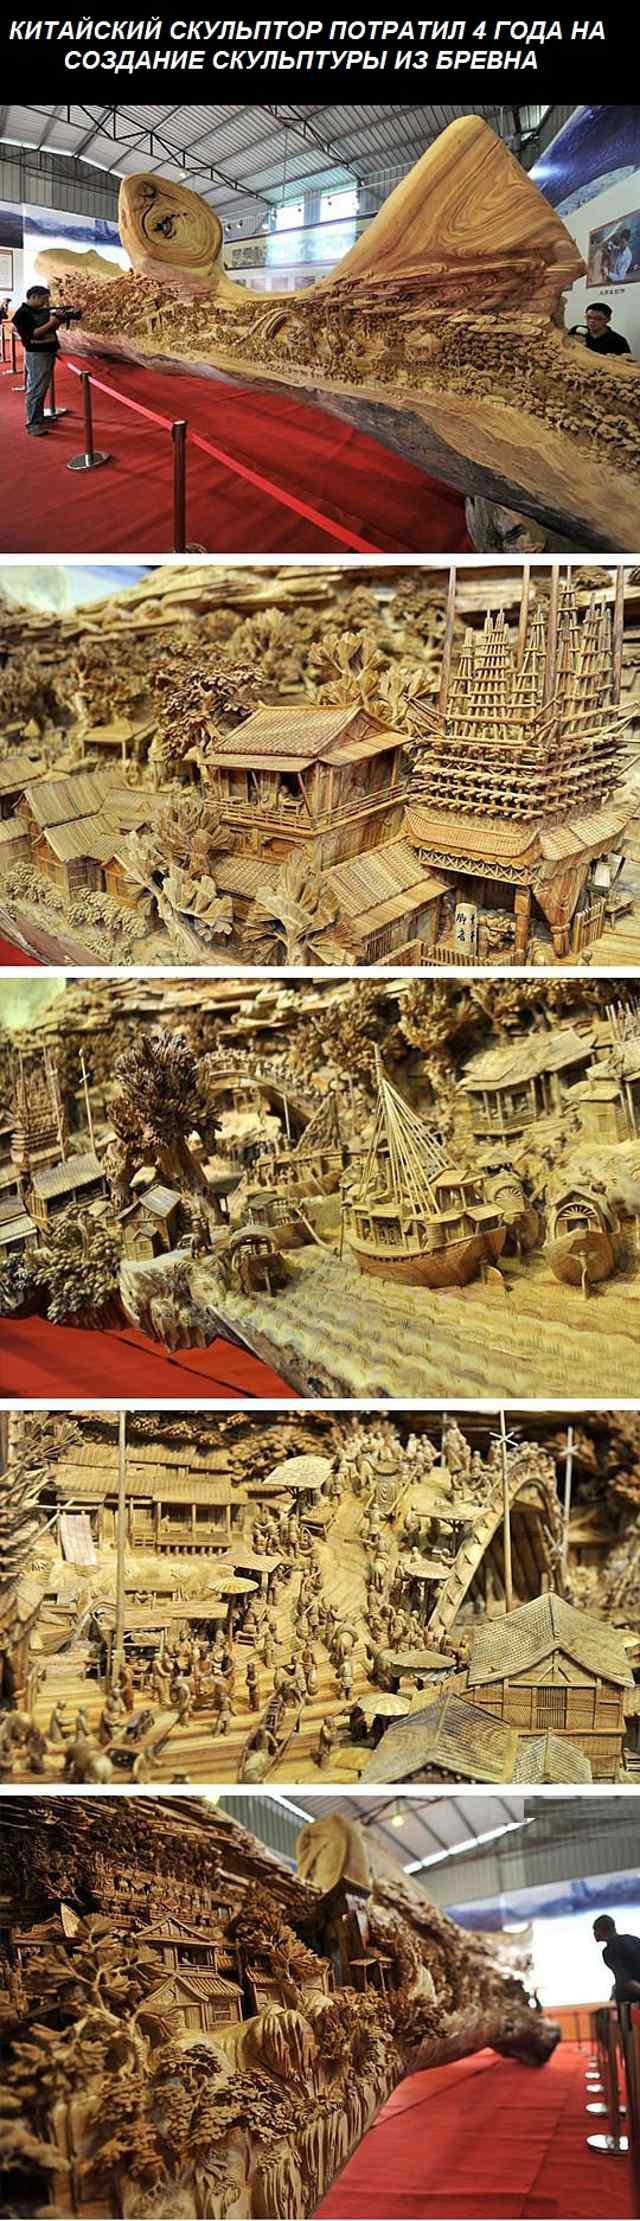 4 года потратил китайский скульптор